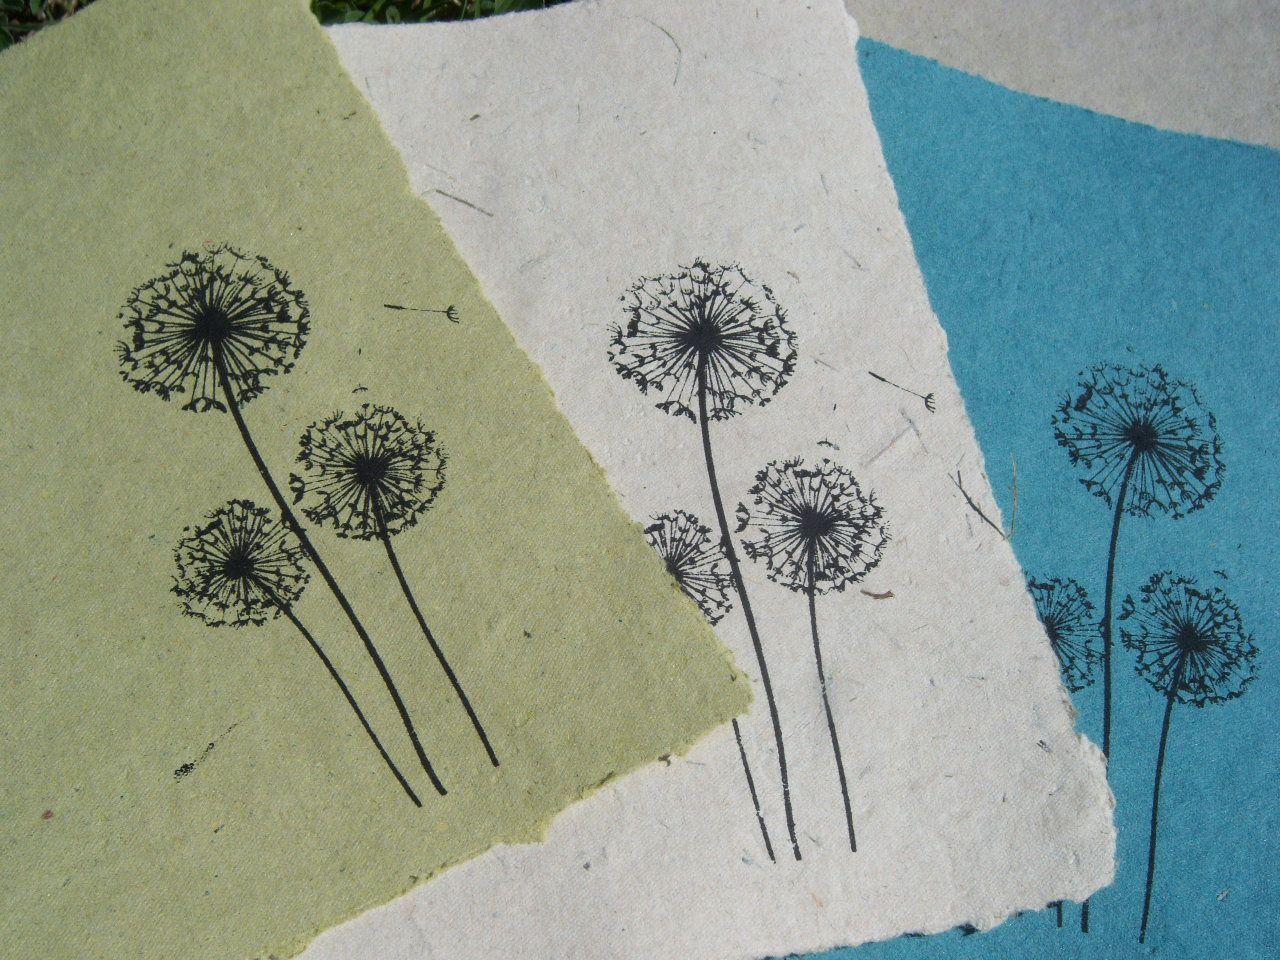 Papel Reciclado Artesanal + Serigrafía   Hacer papel, Colorante y ...